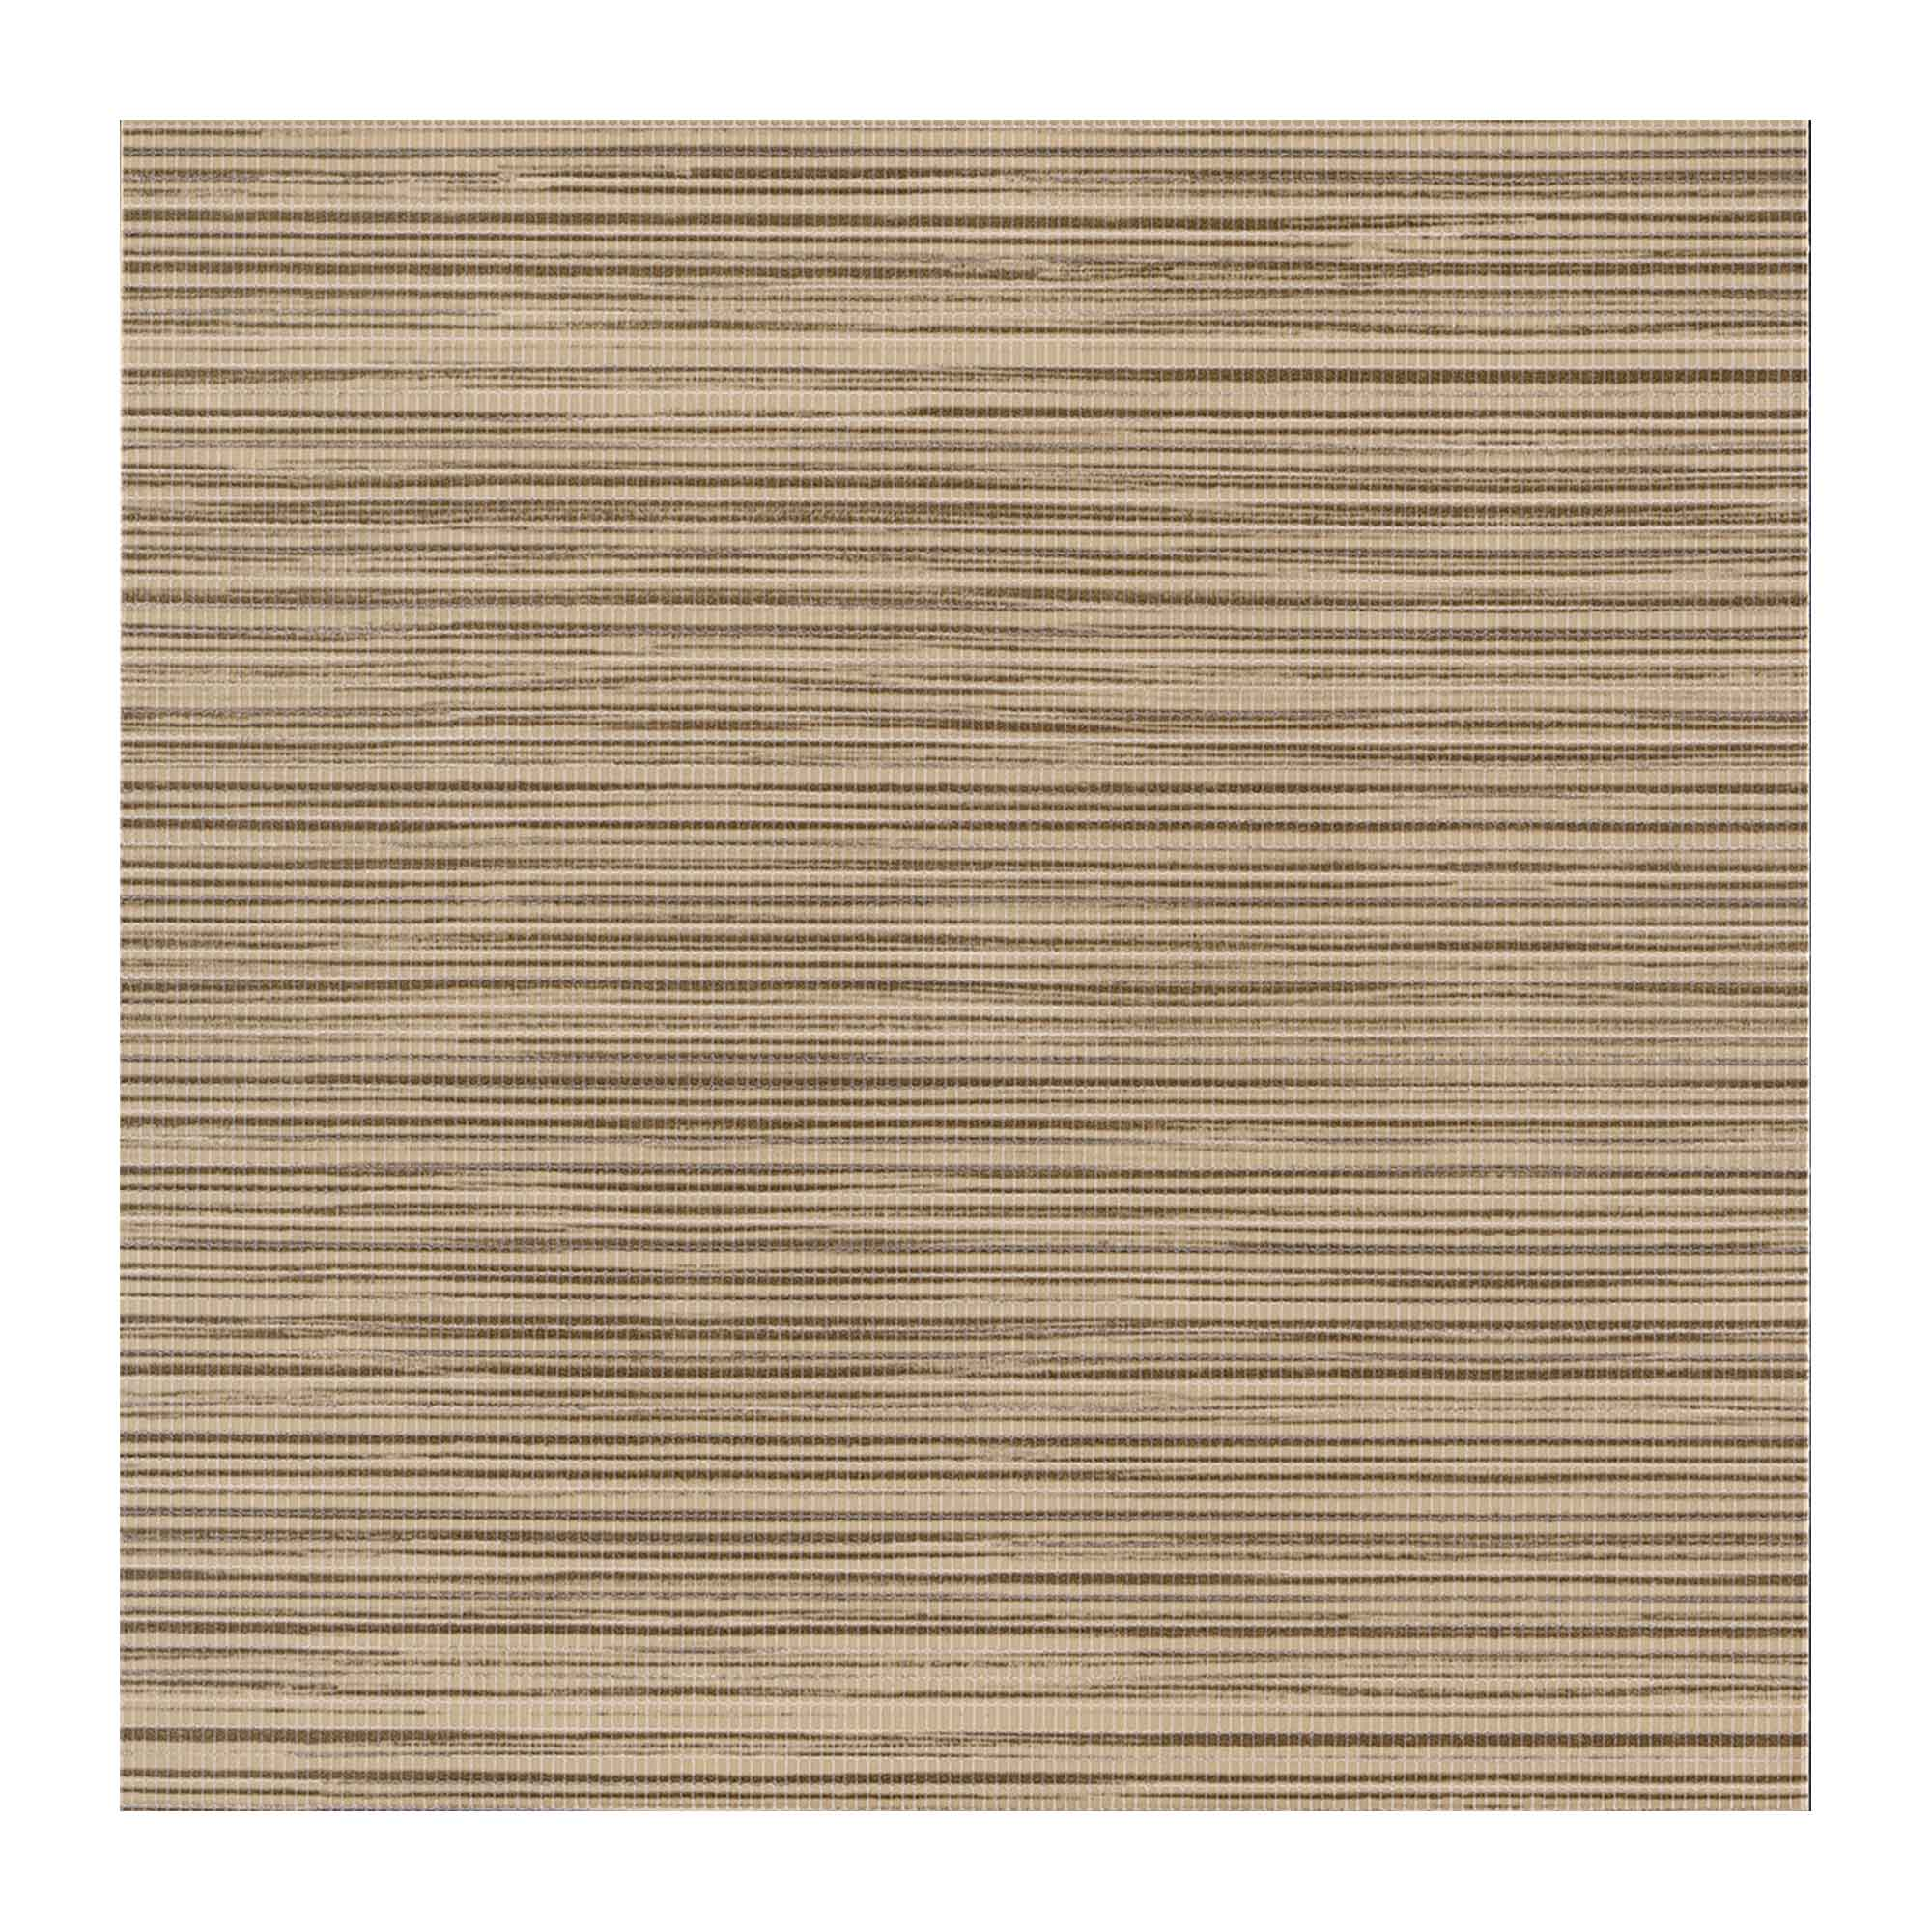 Gresie portelanata pentru interior, Canvas ocru, 33 x 33 cm mathaus 2021